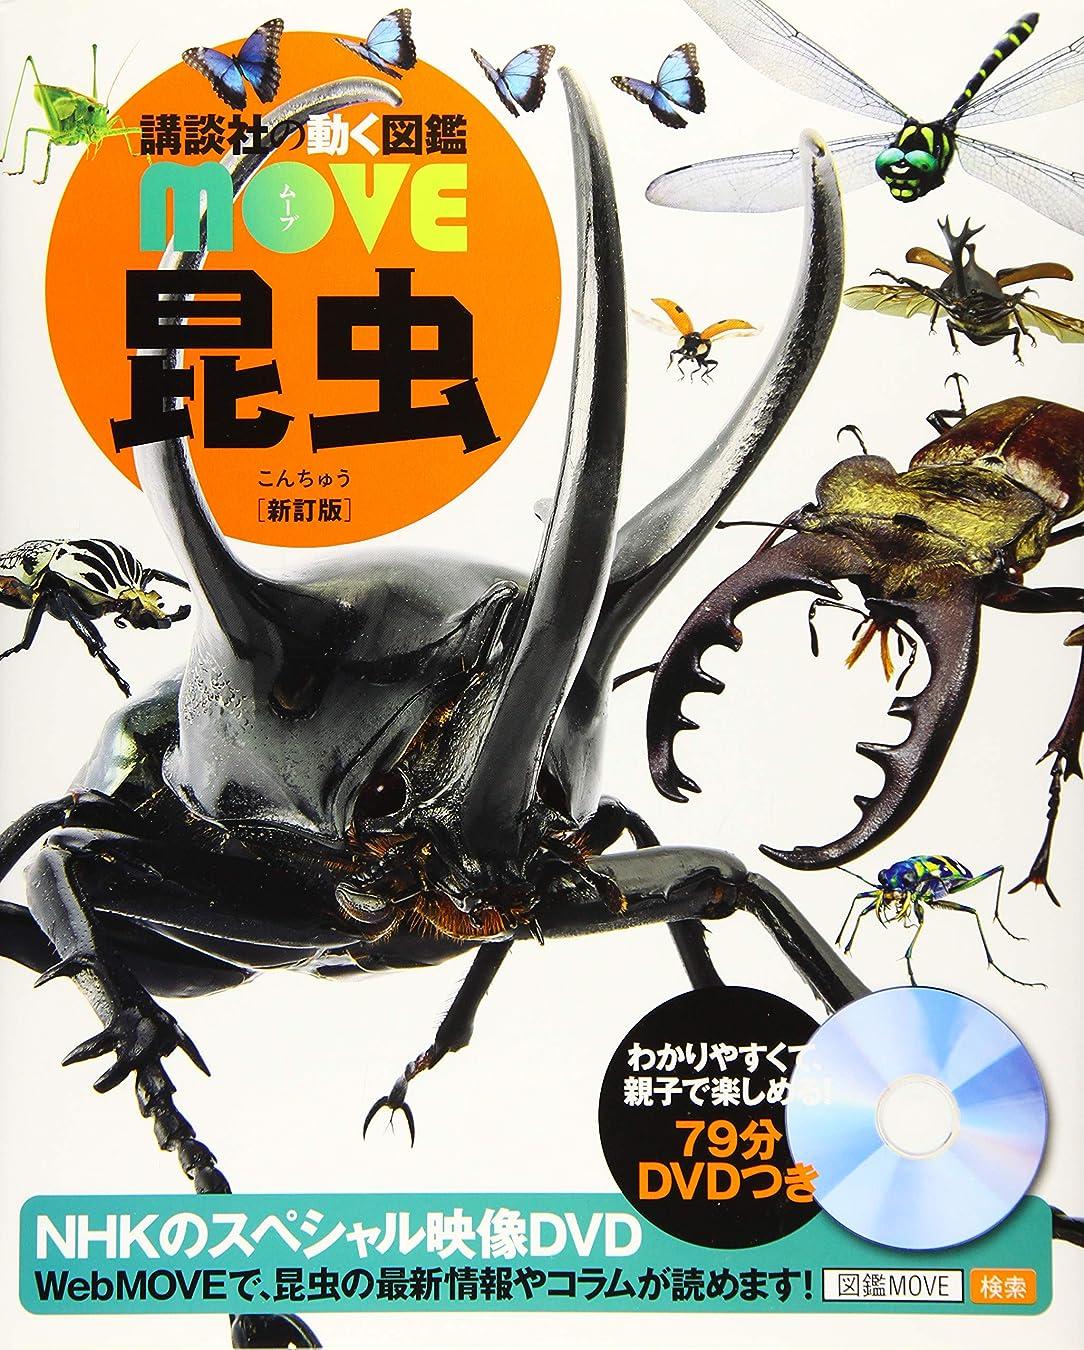 歩行者アレルギー性有力者昆虫 新訂版 (講談社の動く図鑑MOVE)